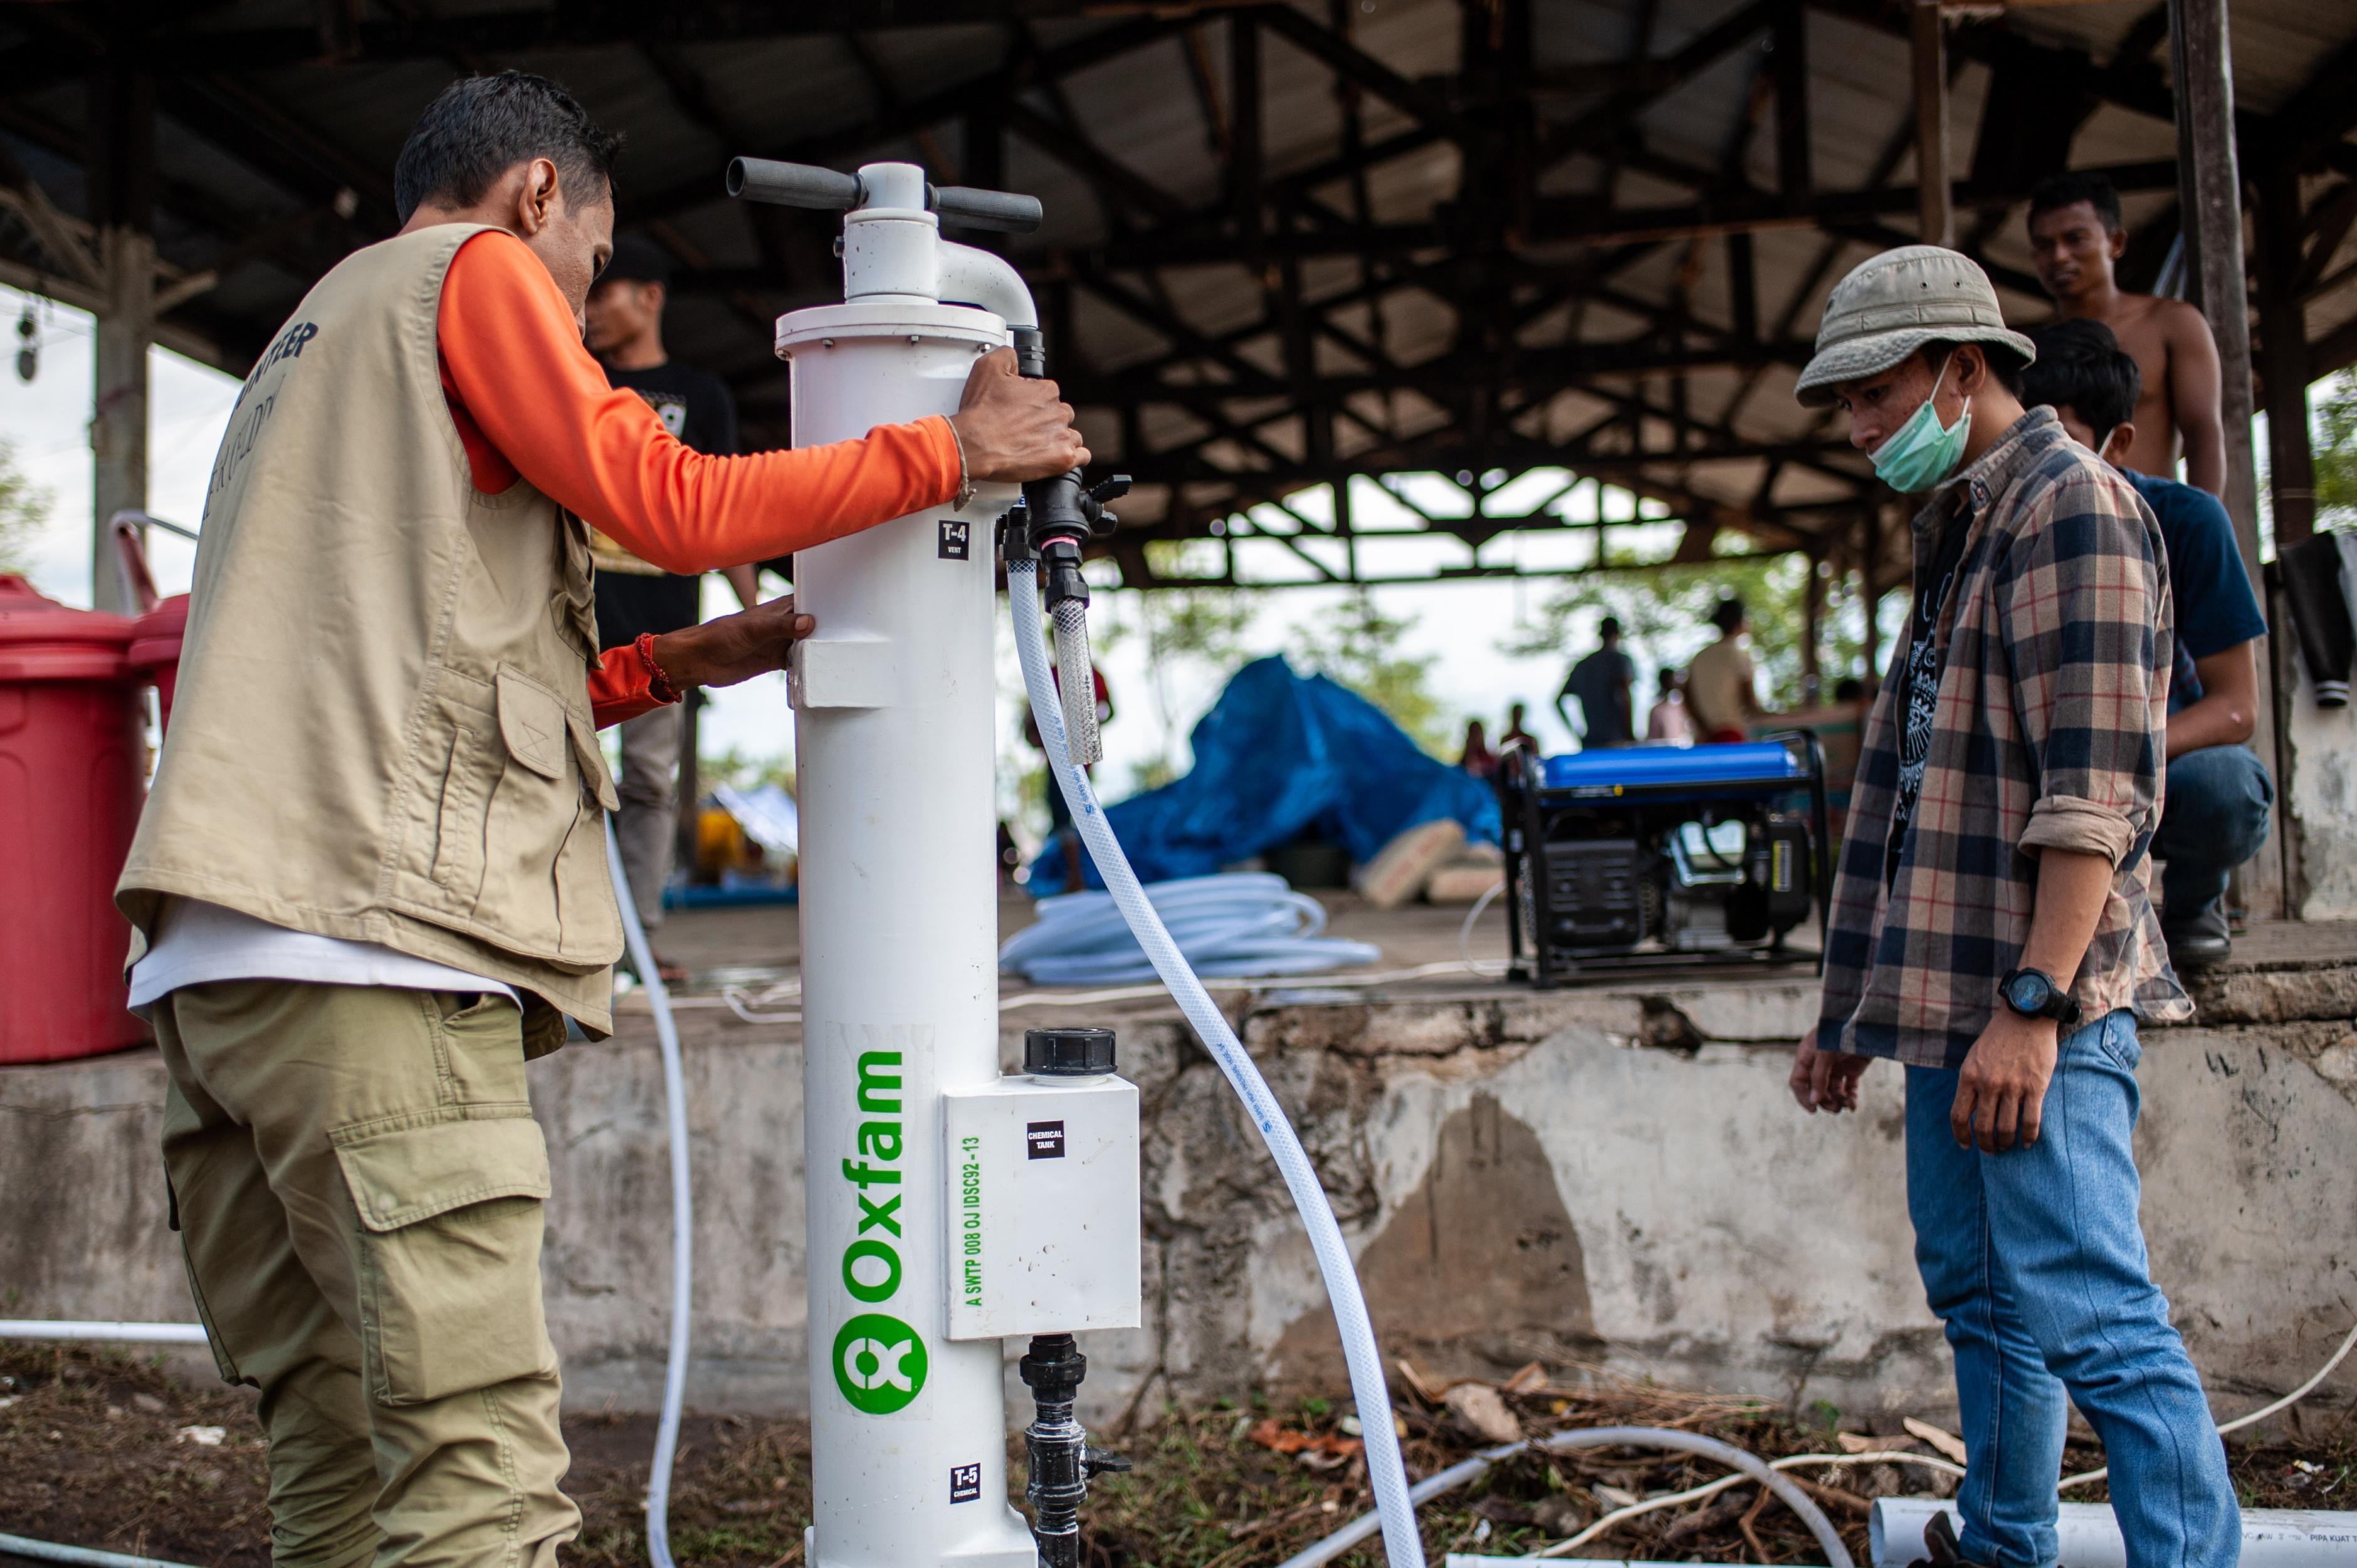 Ein Mann installiert einen Wasserfilter, der annähernd so hoch ist wie er selbst.